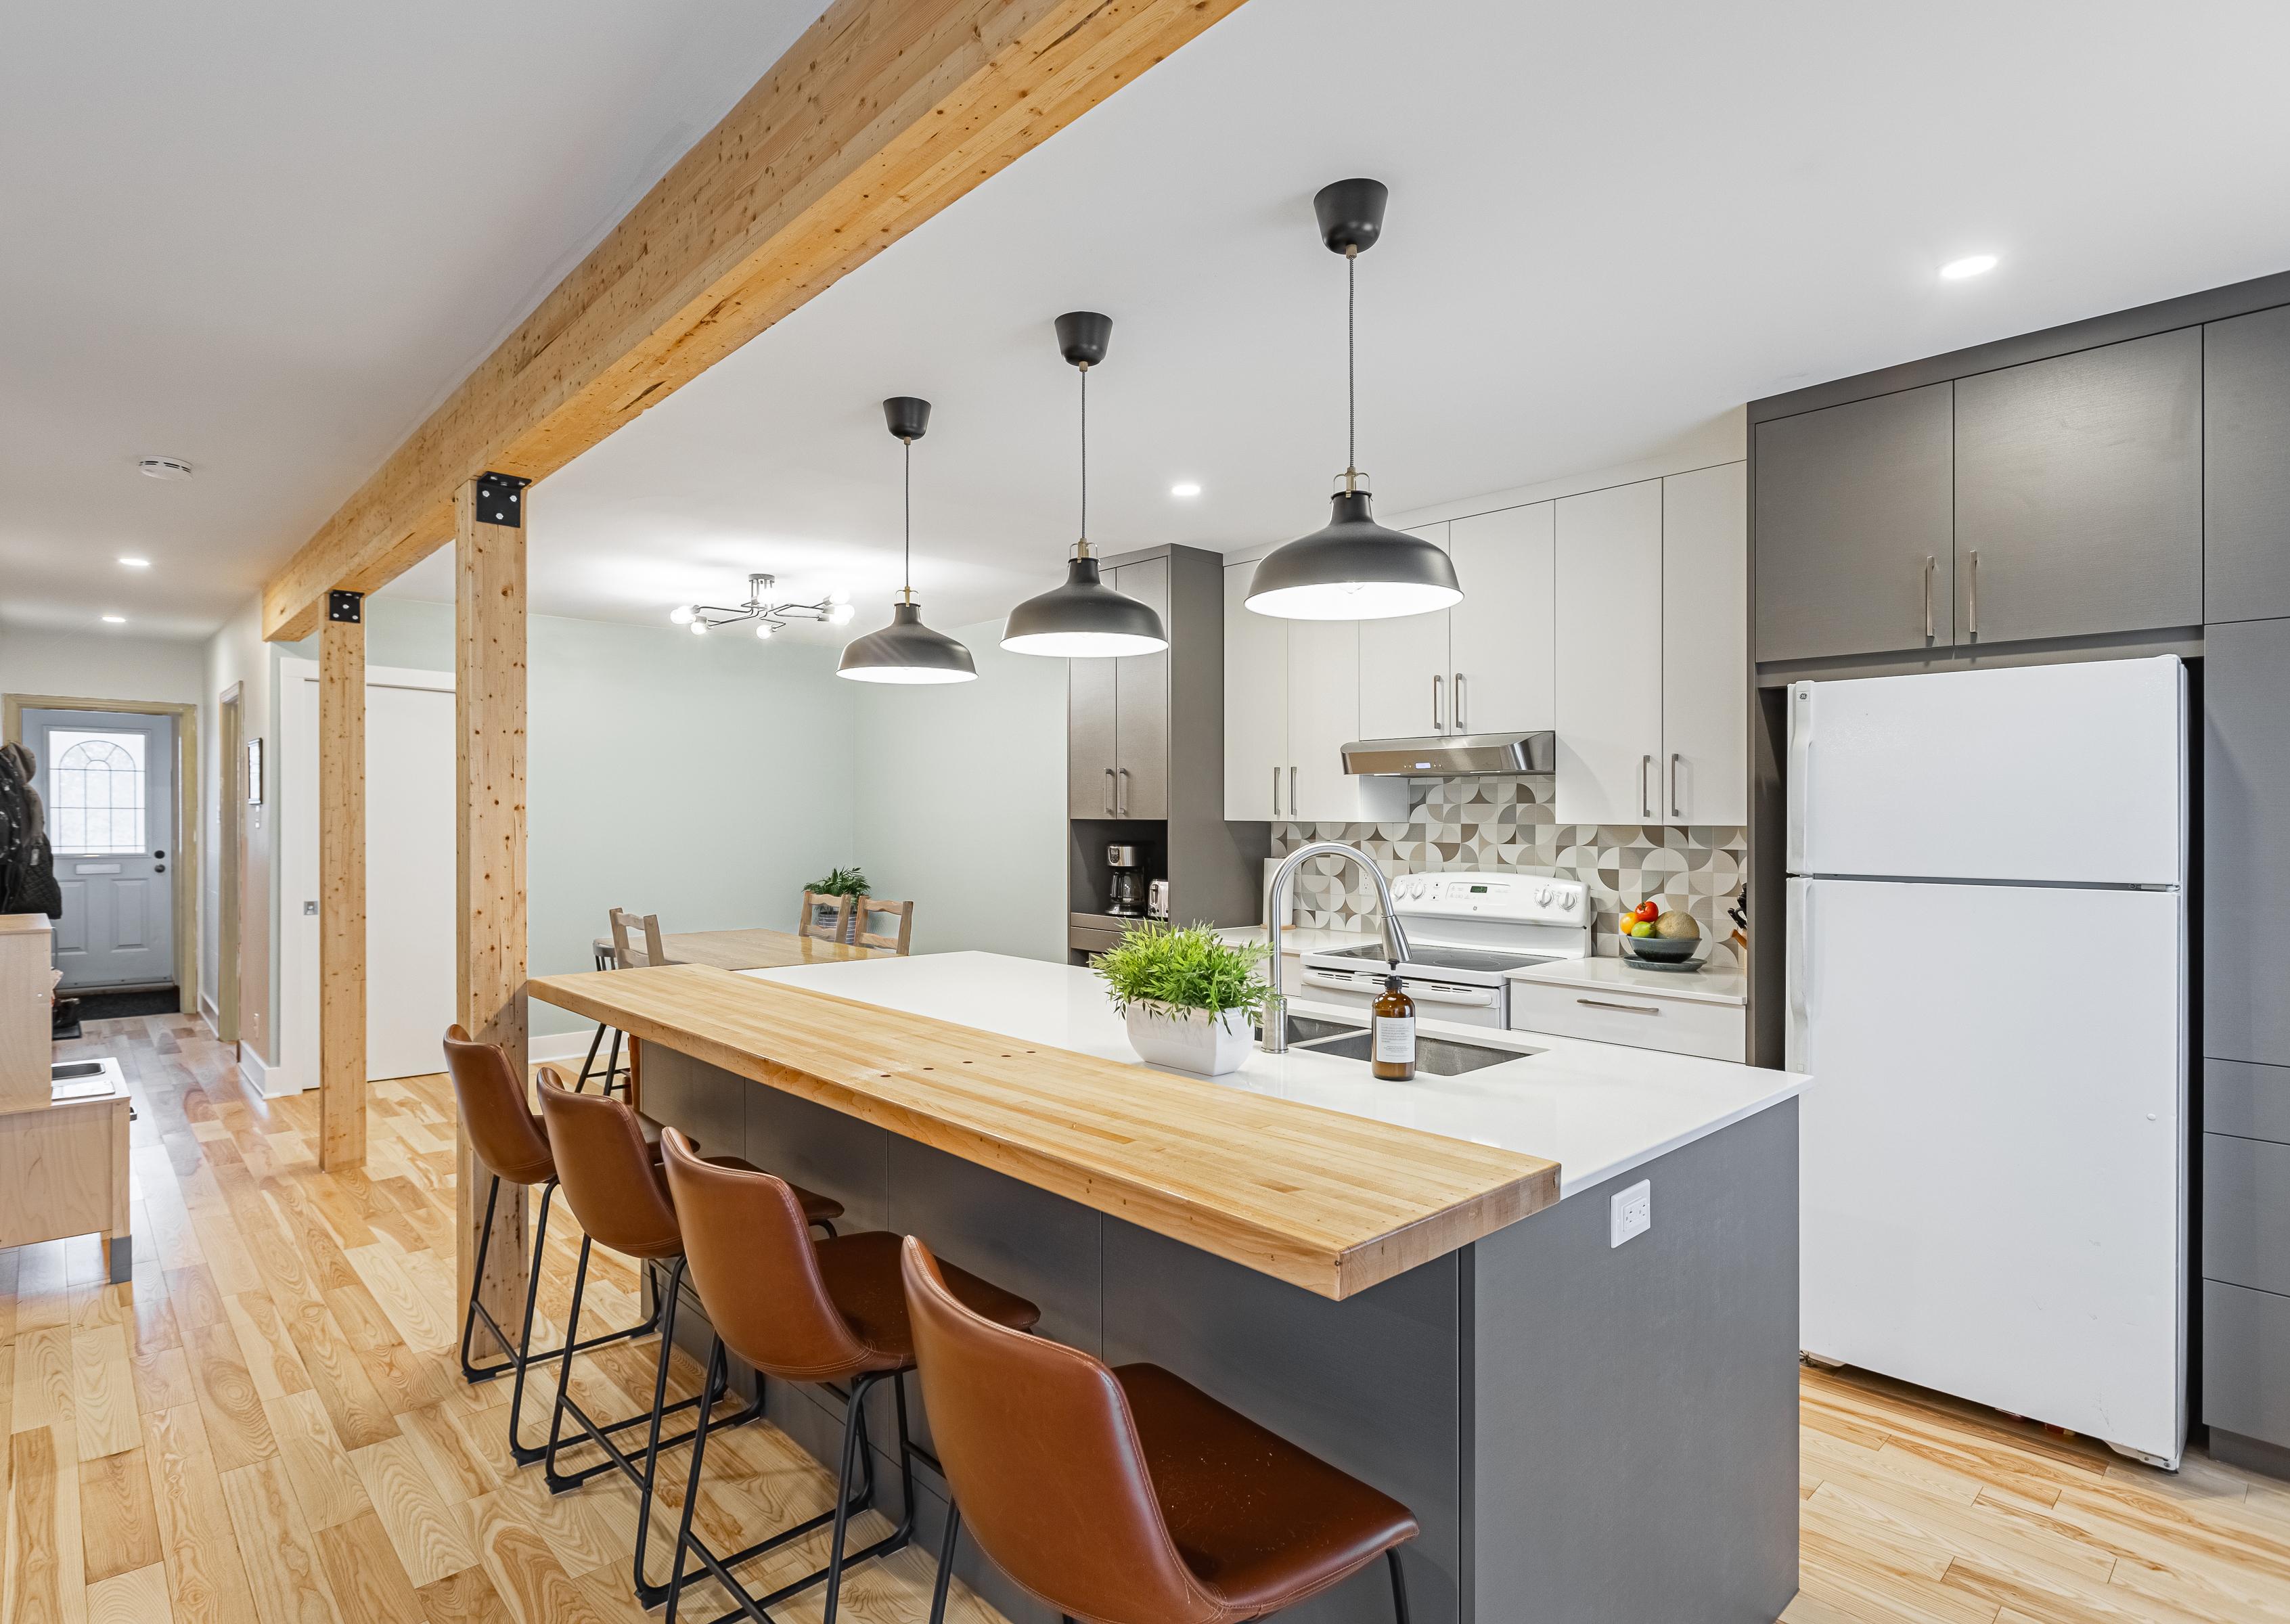 cuisine à aire ouverte avec cabinets deux tons, grand îlot et poutres en bois